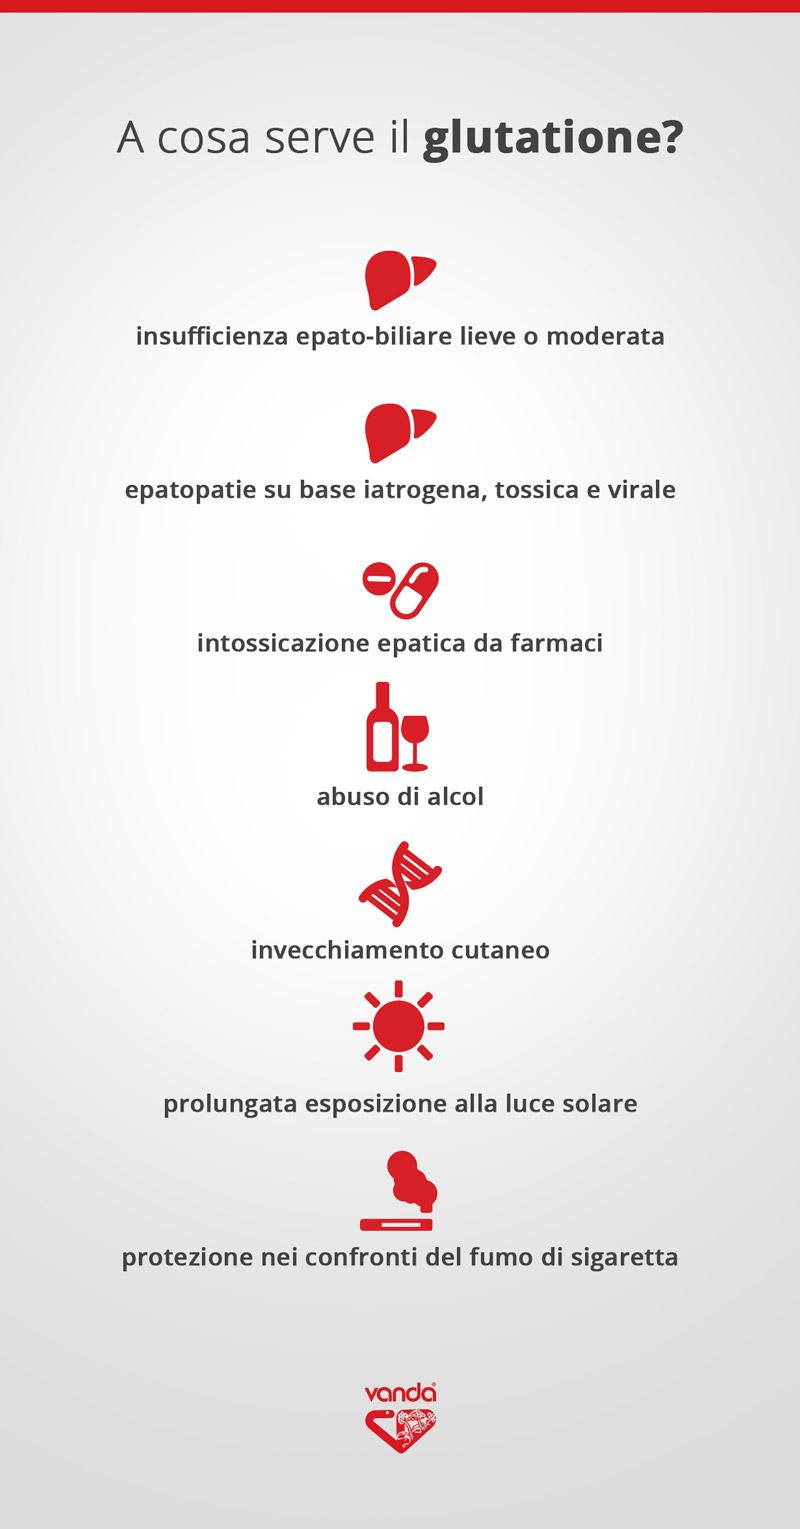 infografica sull'uso del glutatione